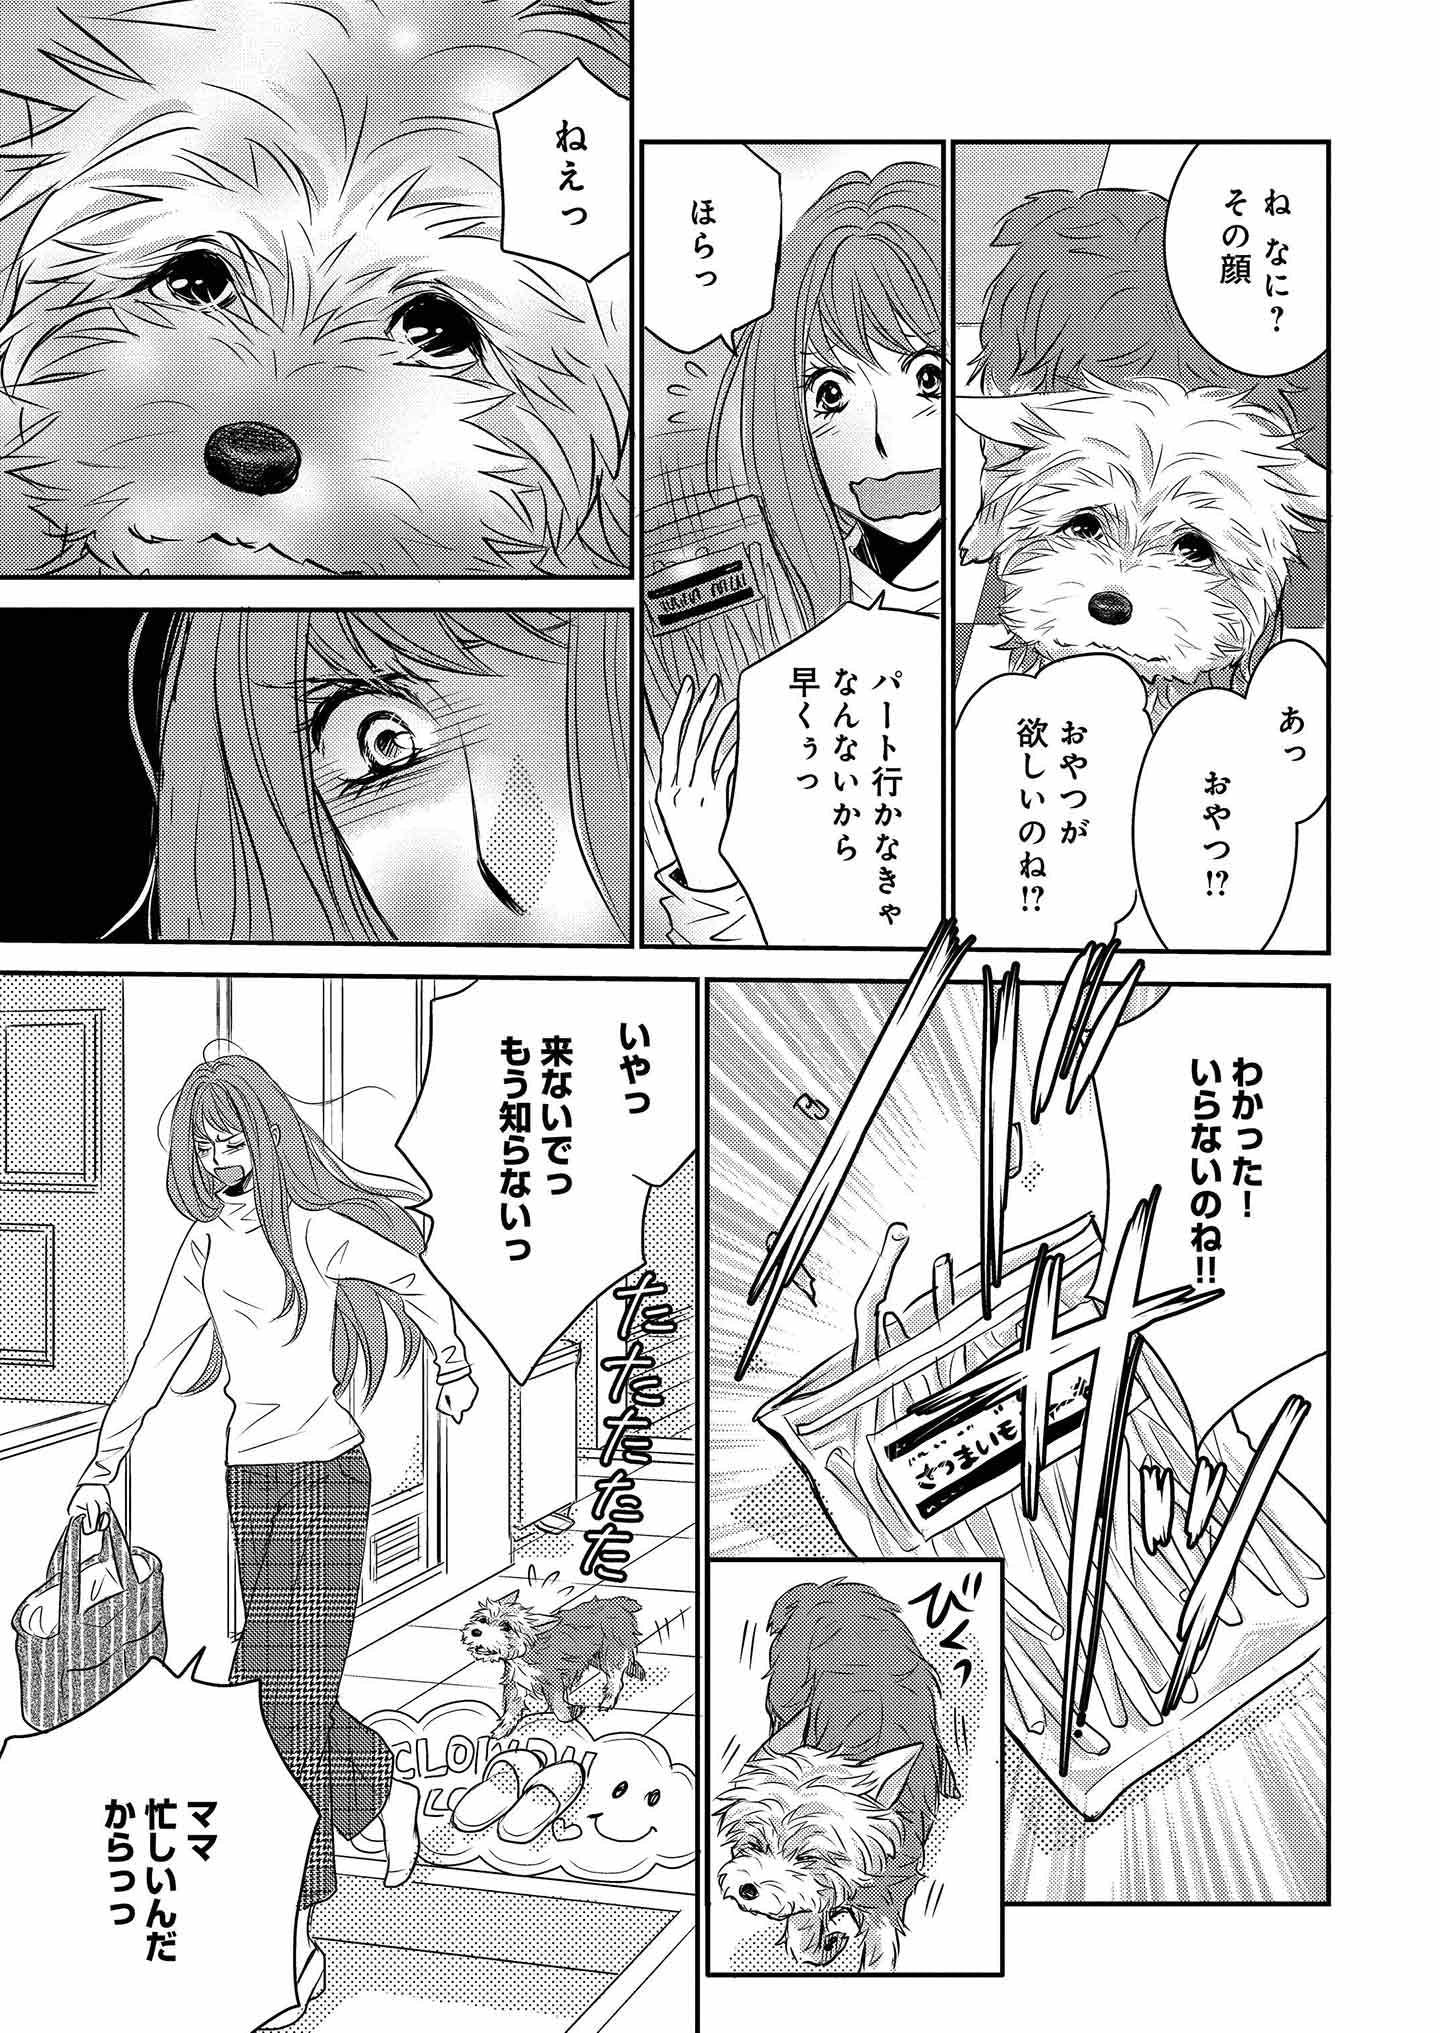 『DOG SIGNAL』13話目② 2ページ目